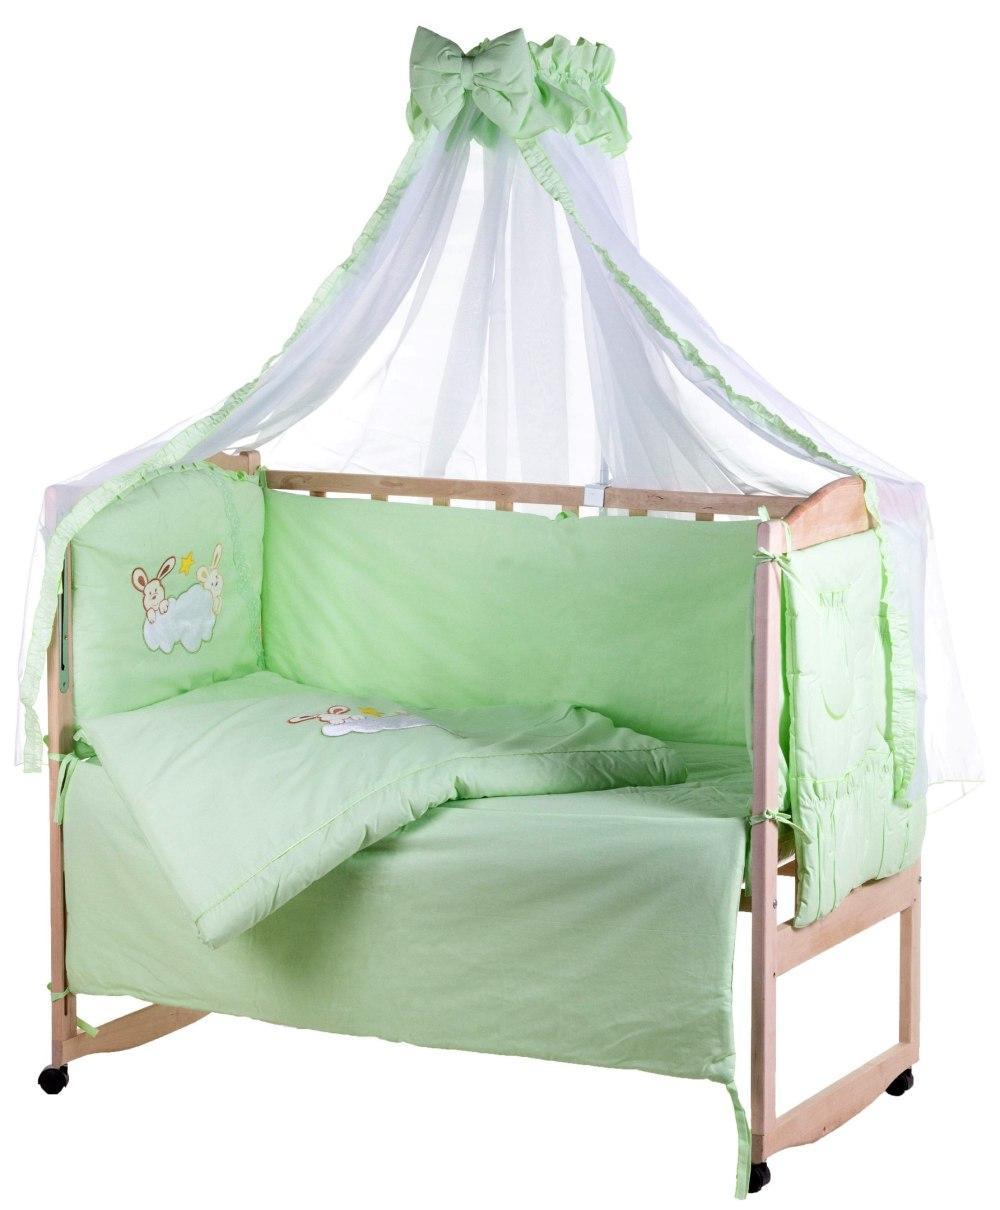 Детская постель Qvatro Ellite AE-08 аппликация  салатовый (зайцы на облаке)